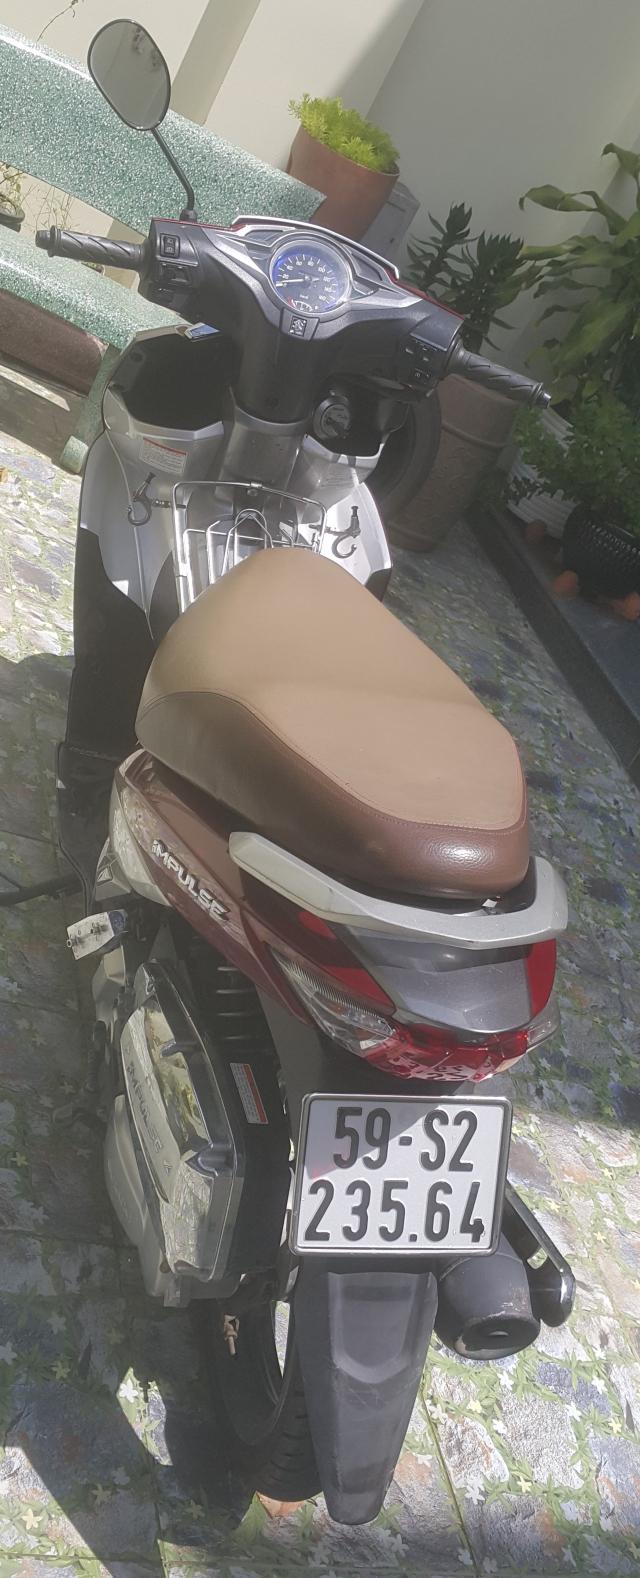 Ban xe Suzuki Inpulse FI 2015 nhu moi 17500000 0983 231 163